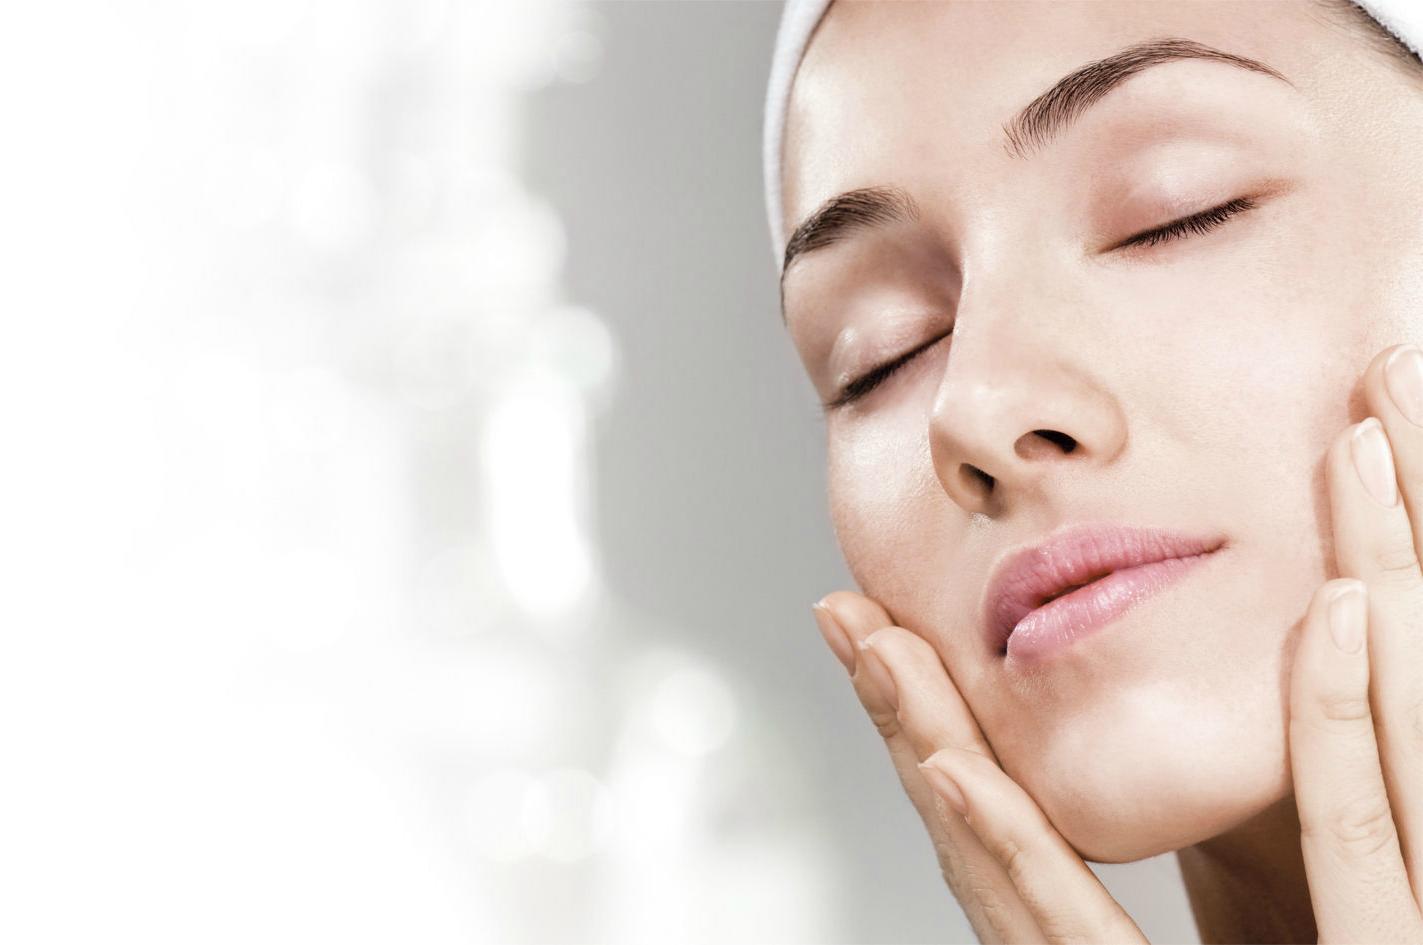 Công dụng dầu hạt nho giúp dưỡng ẩm da